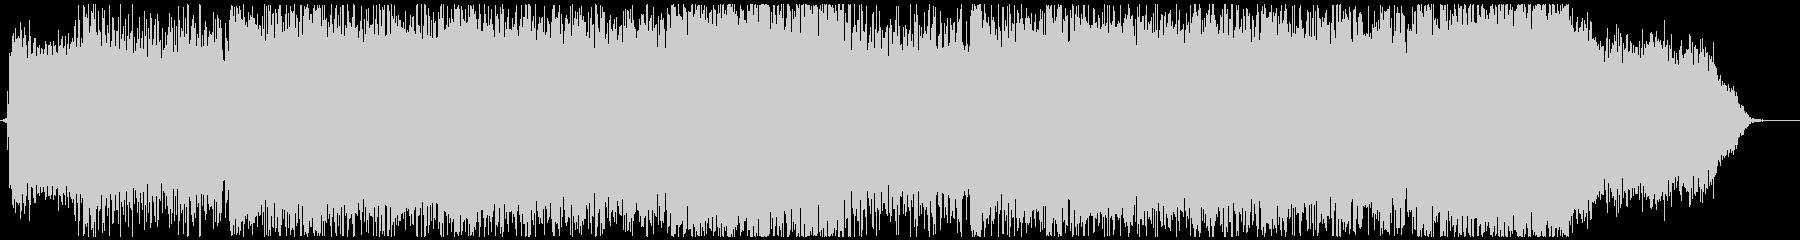 ラストバトル・激しいシンフォニックメタルの未再生の波形